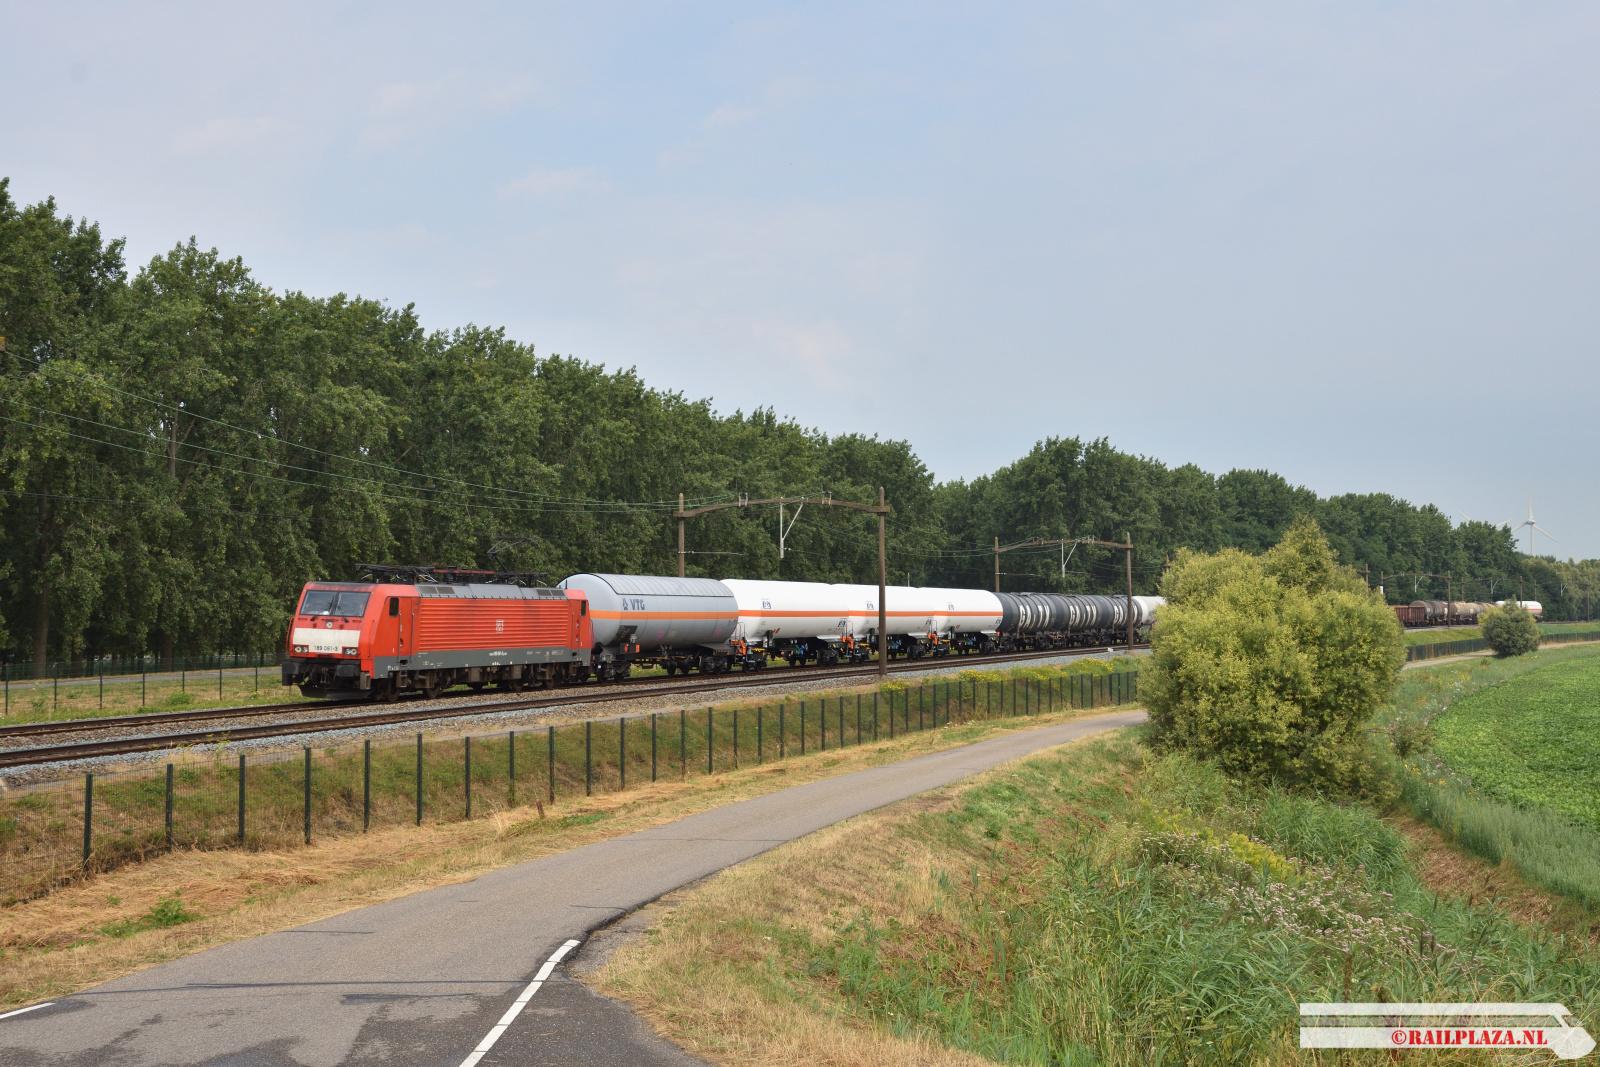 189 081 - Willemsdorp